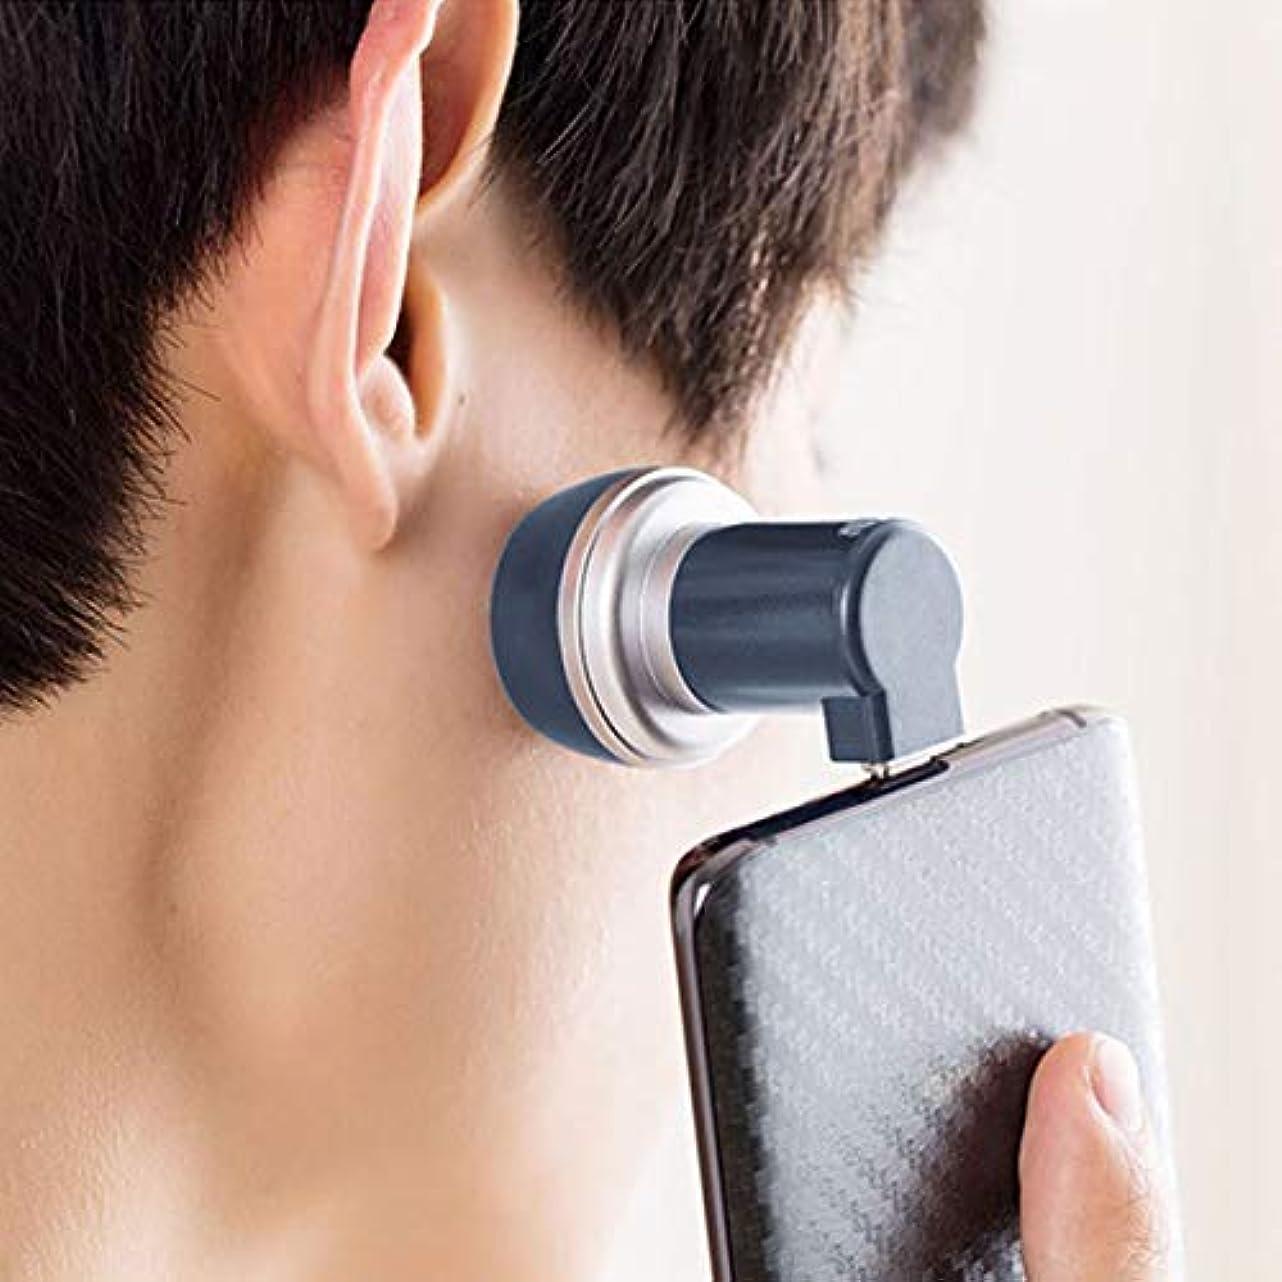 無謀愚かなベスビオ山メンズ 電気 シェーバー 髭剃り 回転式 ミニ 電動ひげそり 携帯電話/USB充電式 持ち運び便利 ビジネス 海外対応 type-c/USB/lightningポート (鉱石ブルー, Type-C)